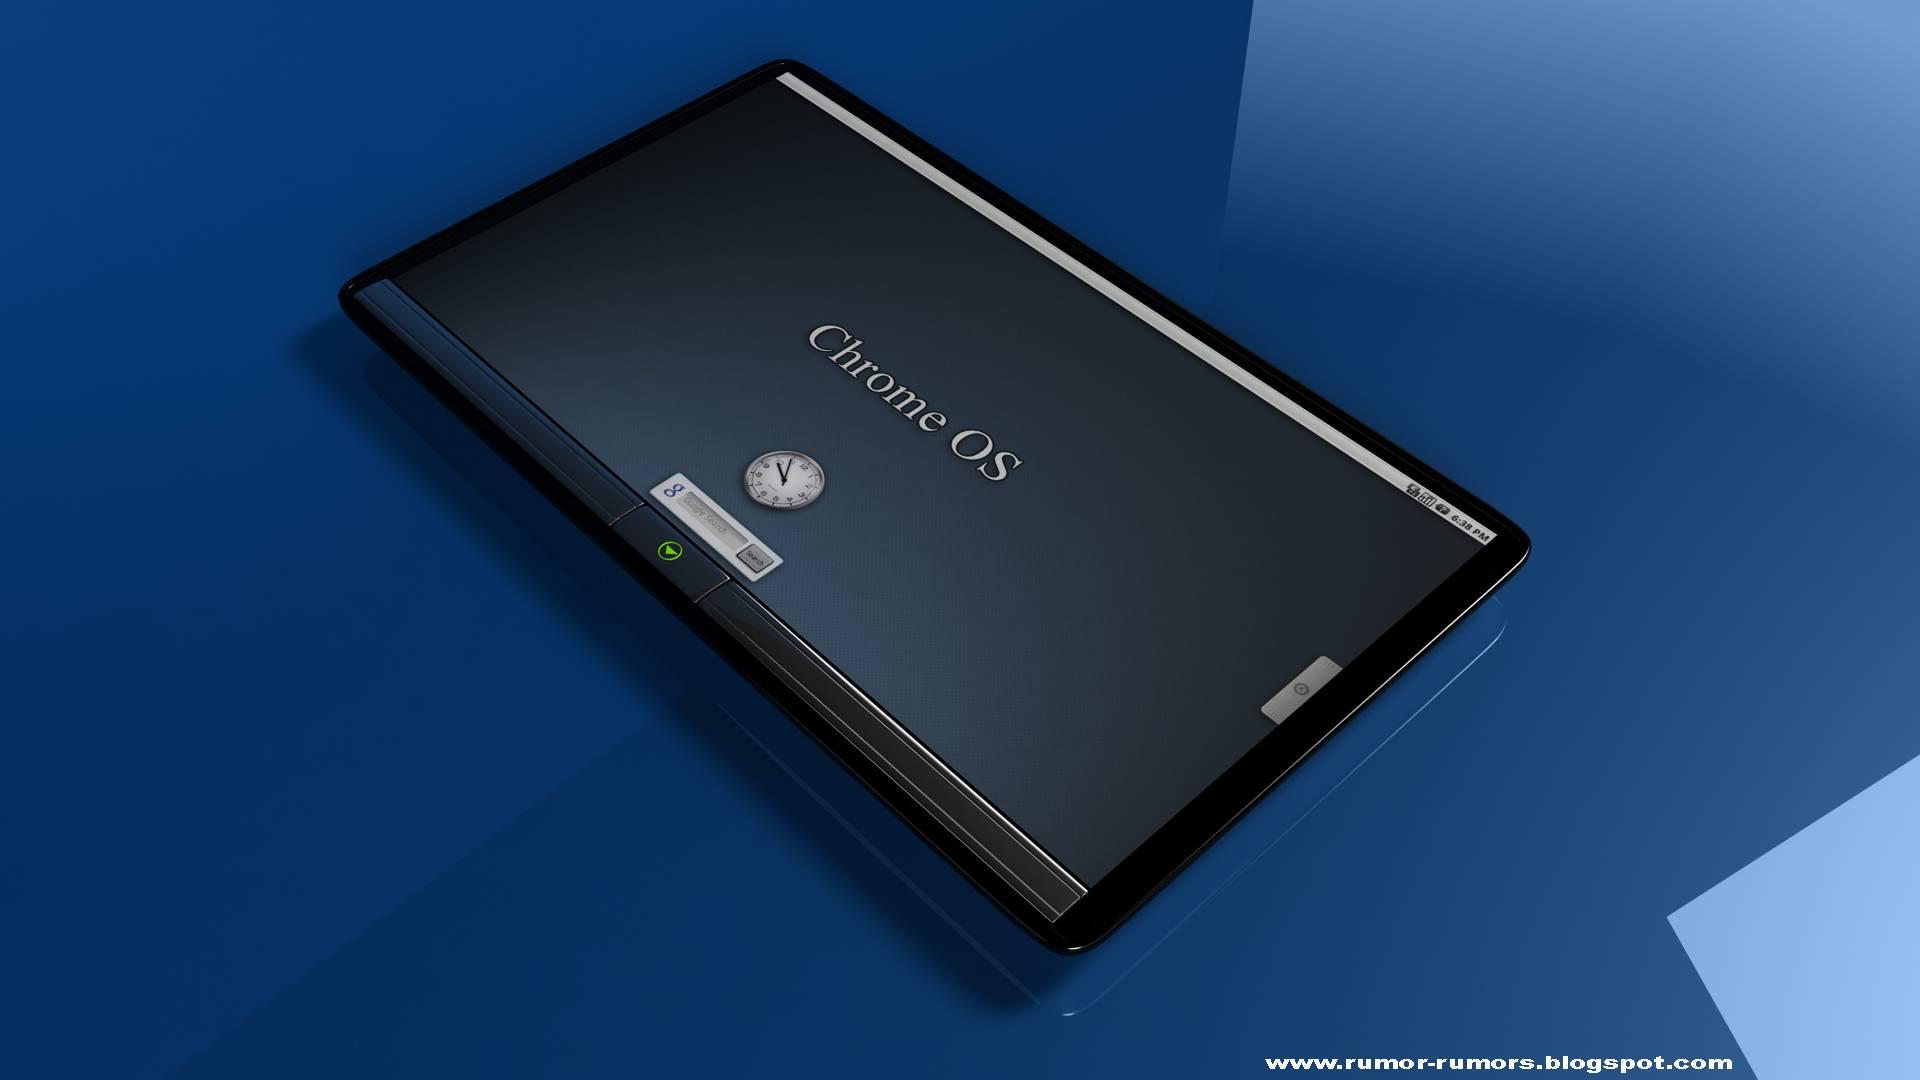 wallpaper1 chrome tablet rumor google background wallpaper 1920x1080